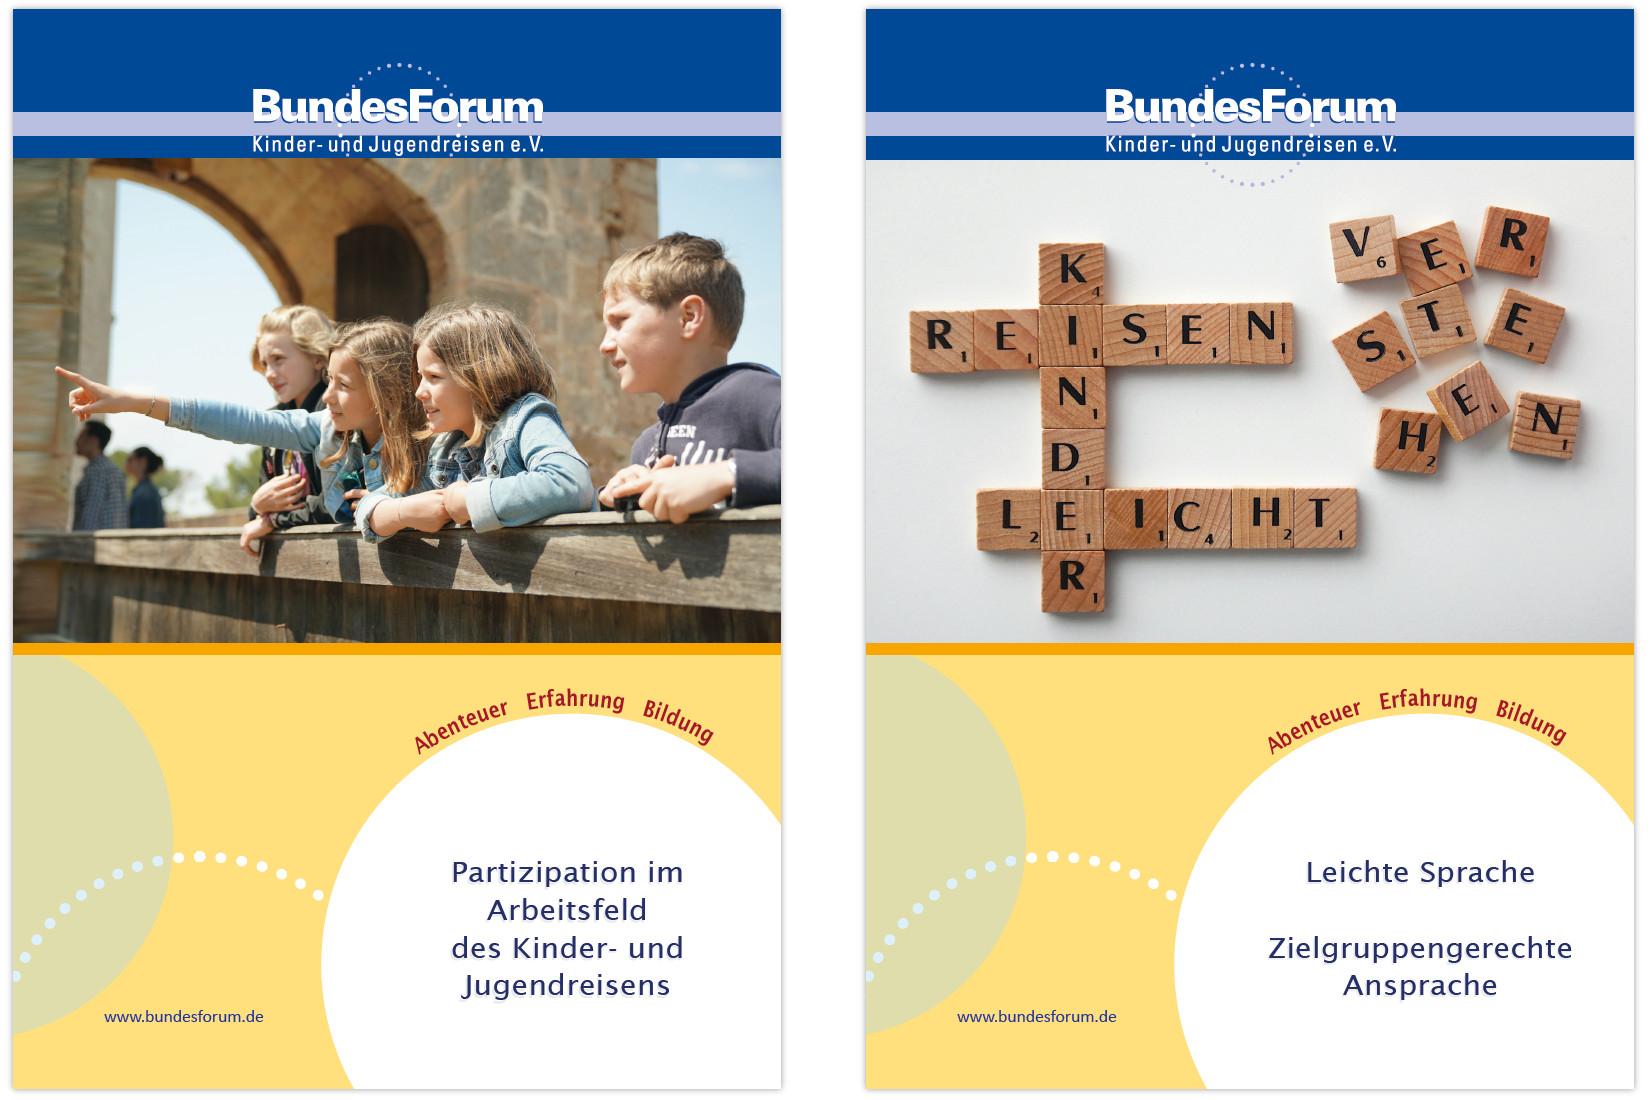 Titelbilder der Handreichungen für Kinder- und Jugendreisen